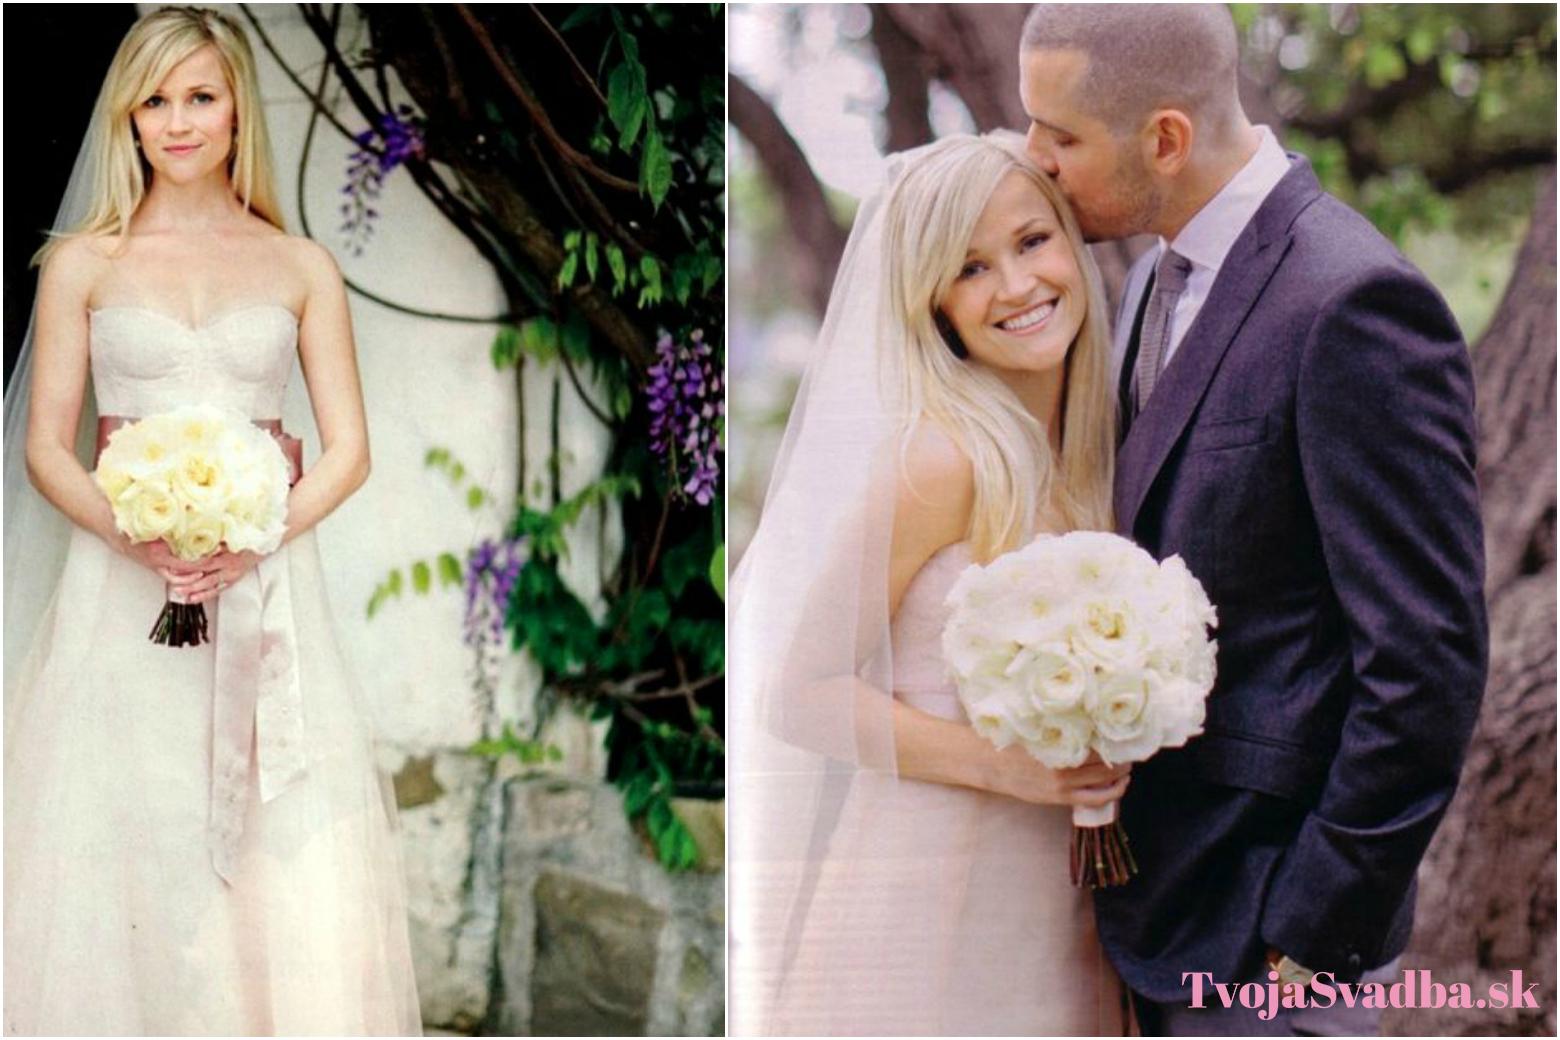 Farebné svadobné šaty celebrít  Pretože svadba nemusí byť len biela ... ba6ab7f1c4c